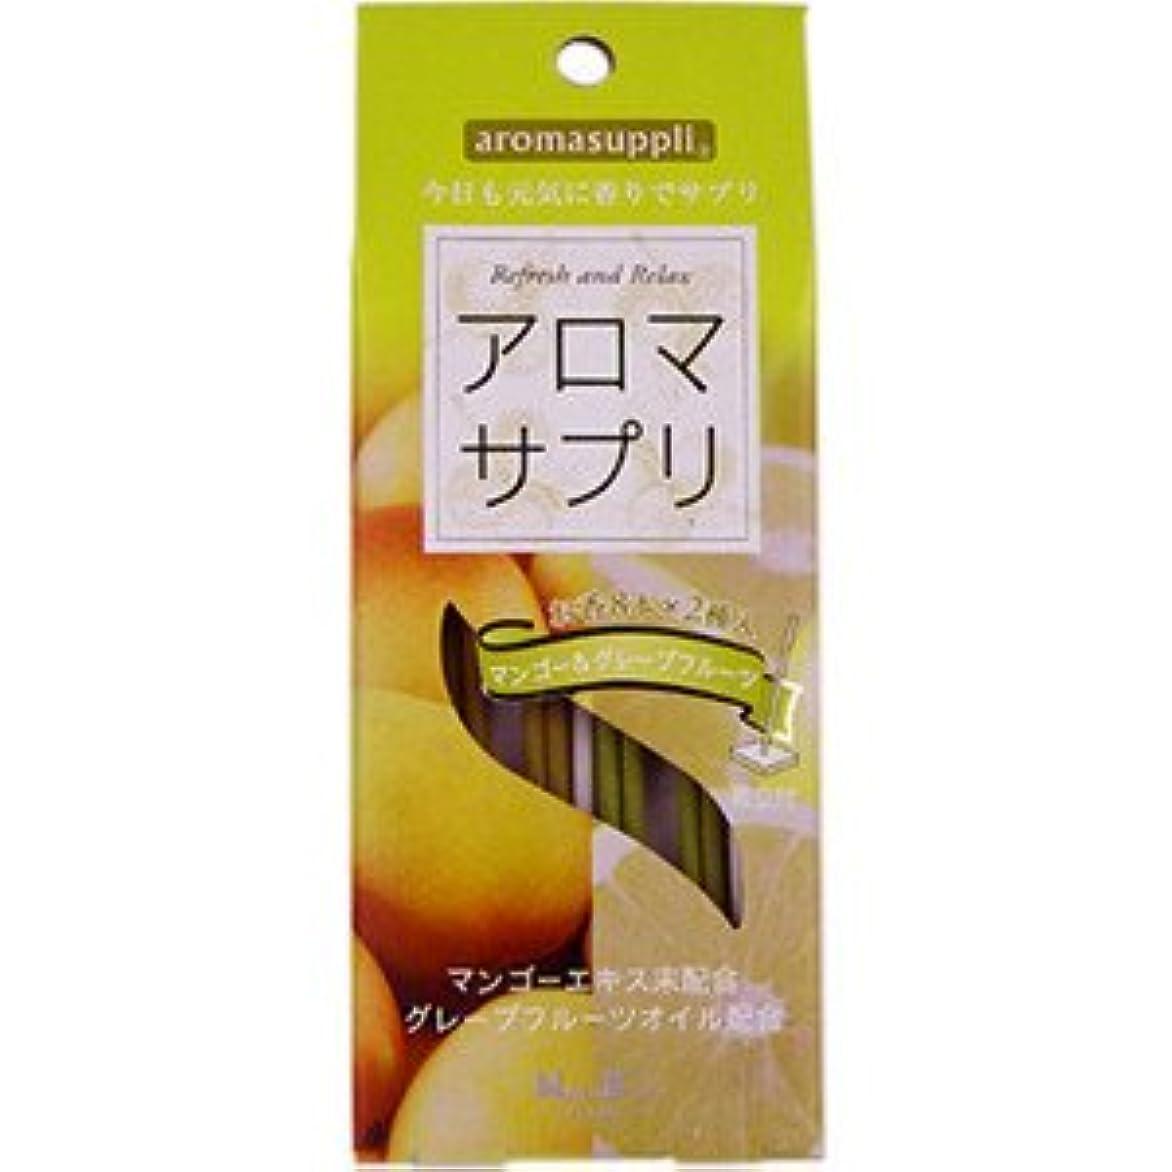 鋸歯状脱臼する保安日本香堂 アロマサプリ マンゴー&グレープフルーツ